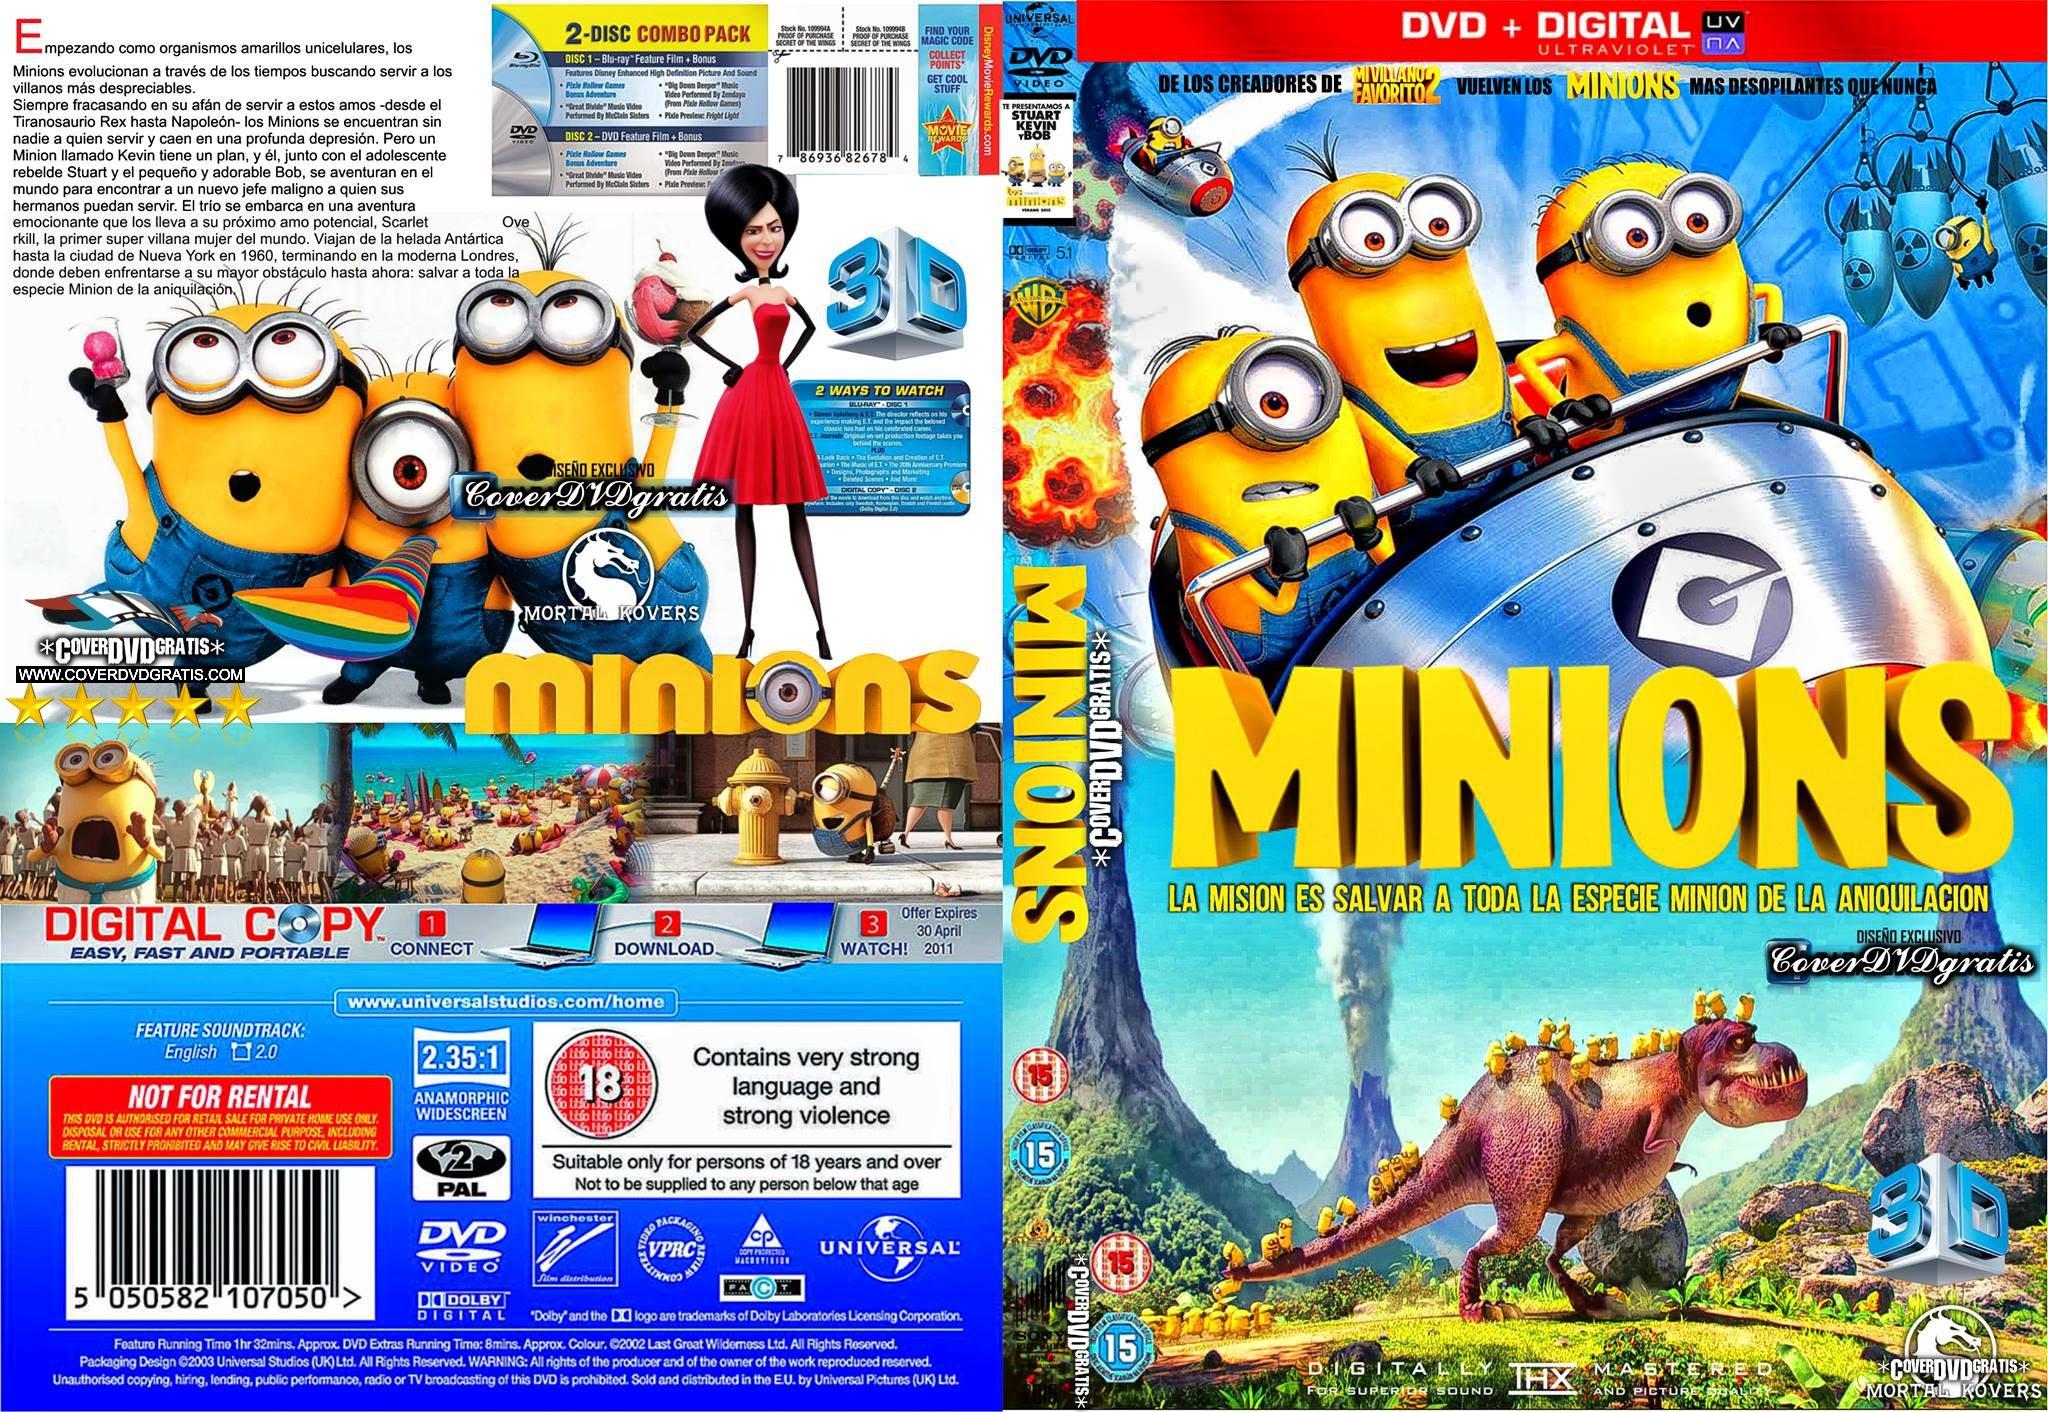 Minions bluray release date in Brisbane